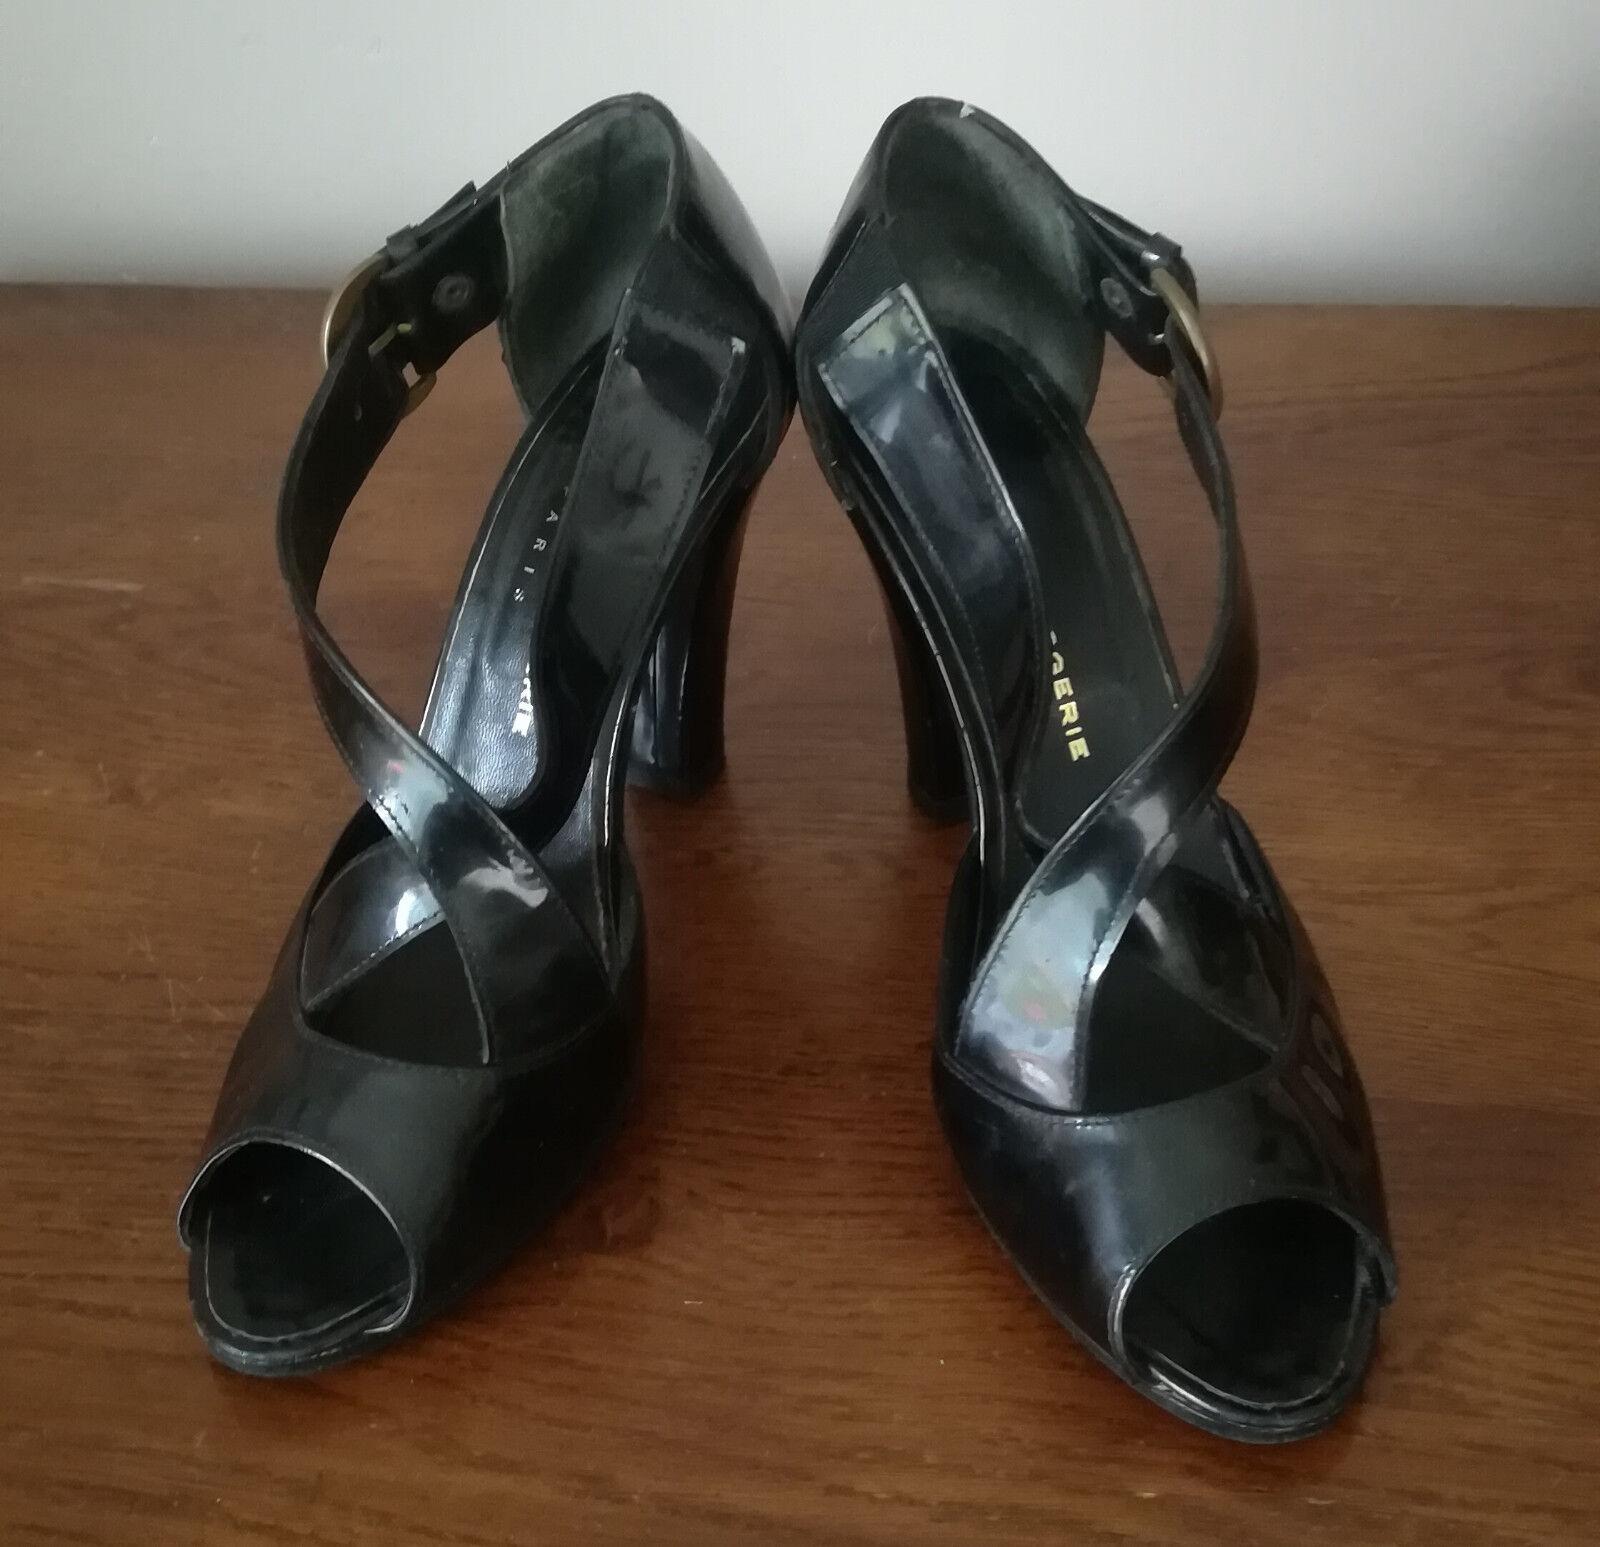 zapatos ESCARPINS BOUTS BOUTS BOUTS OUverdeS - ROBERT CLERGERIE -CUIR VERNI negro- PT 37,5  promocionales de incentivo